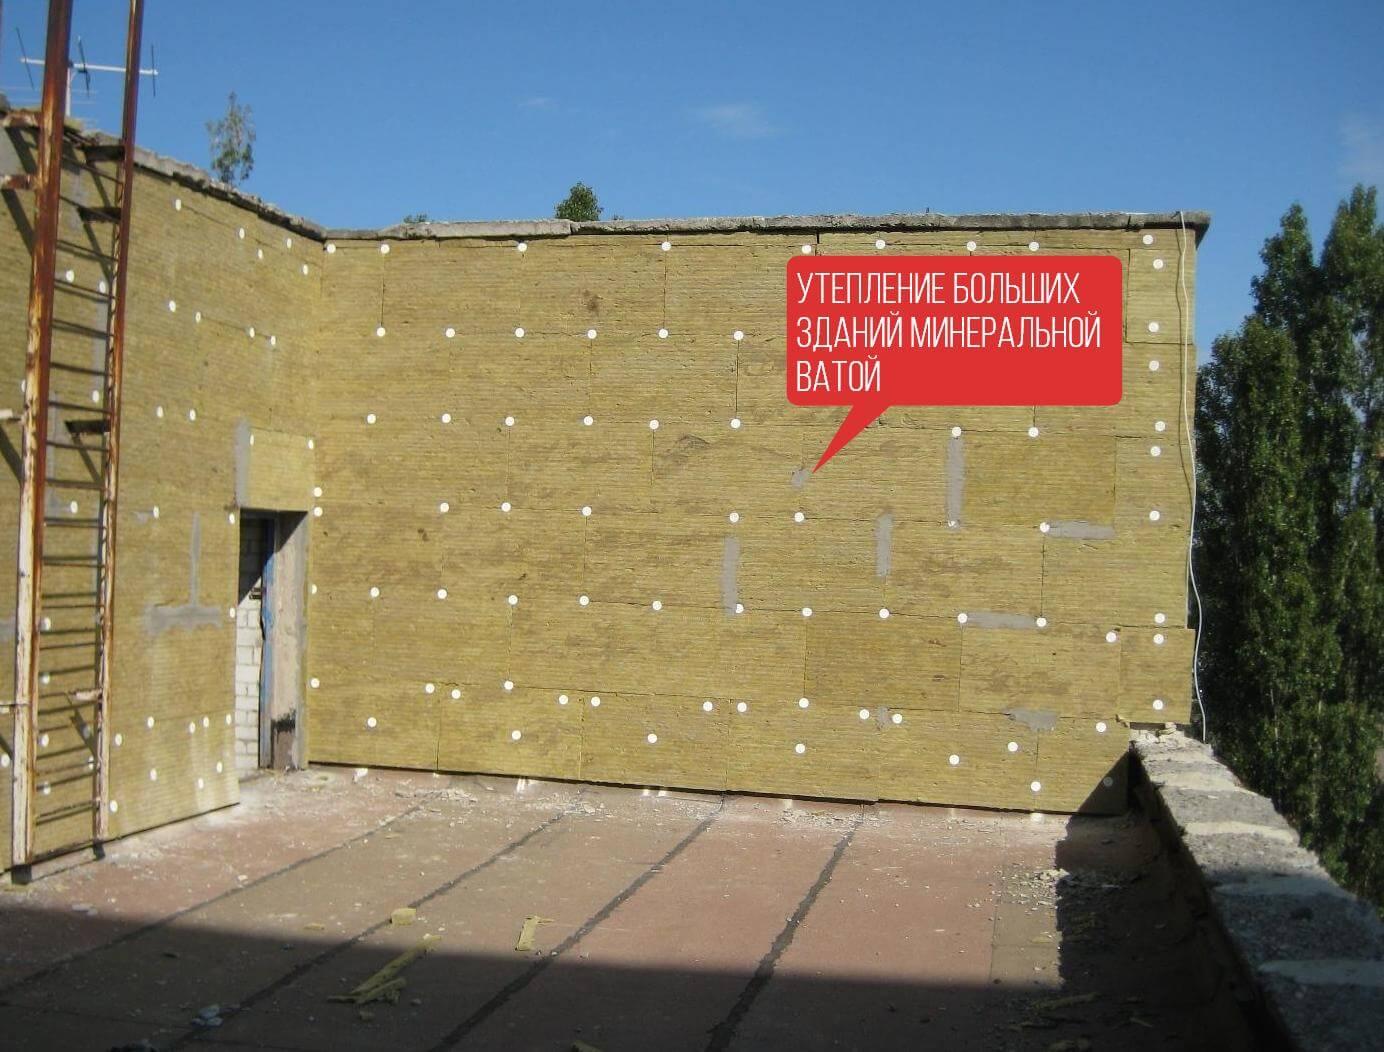 Утепление больших зданий минеральной ватой